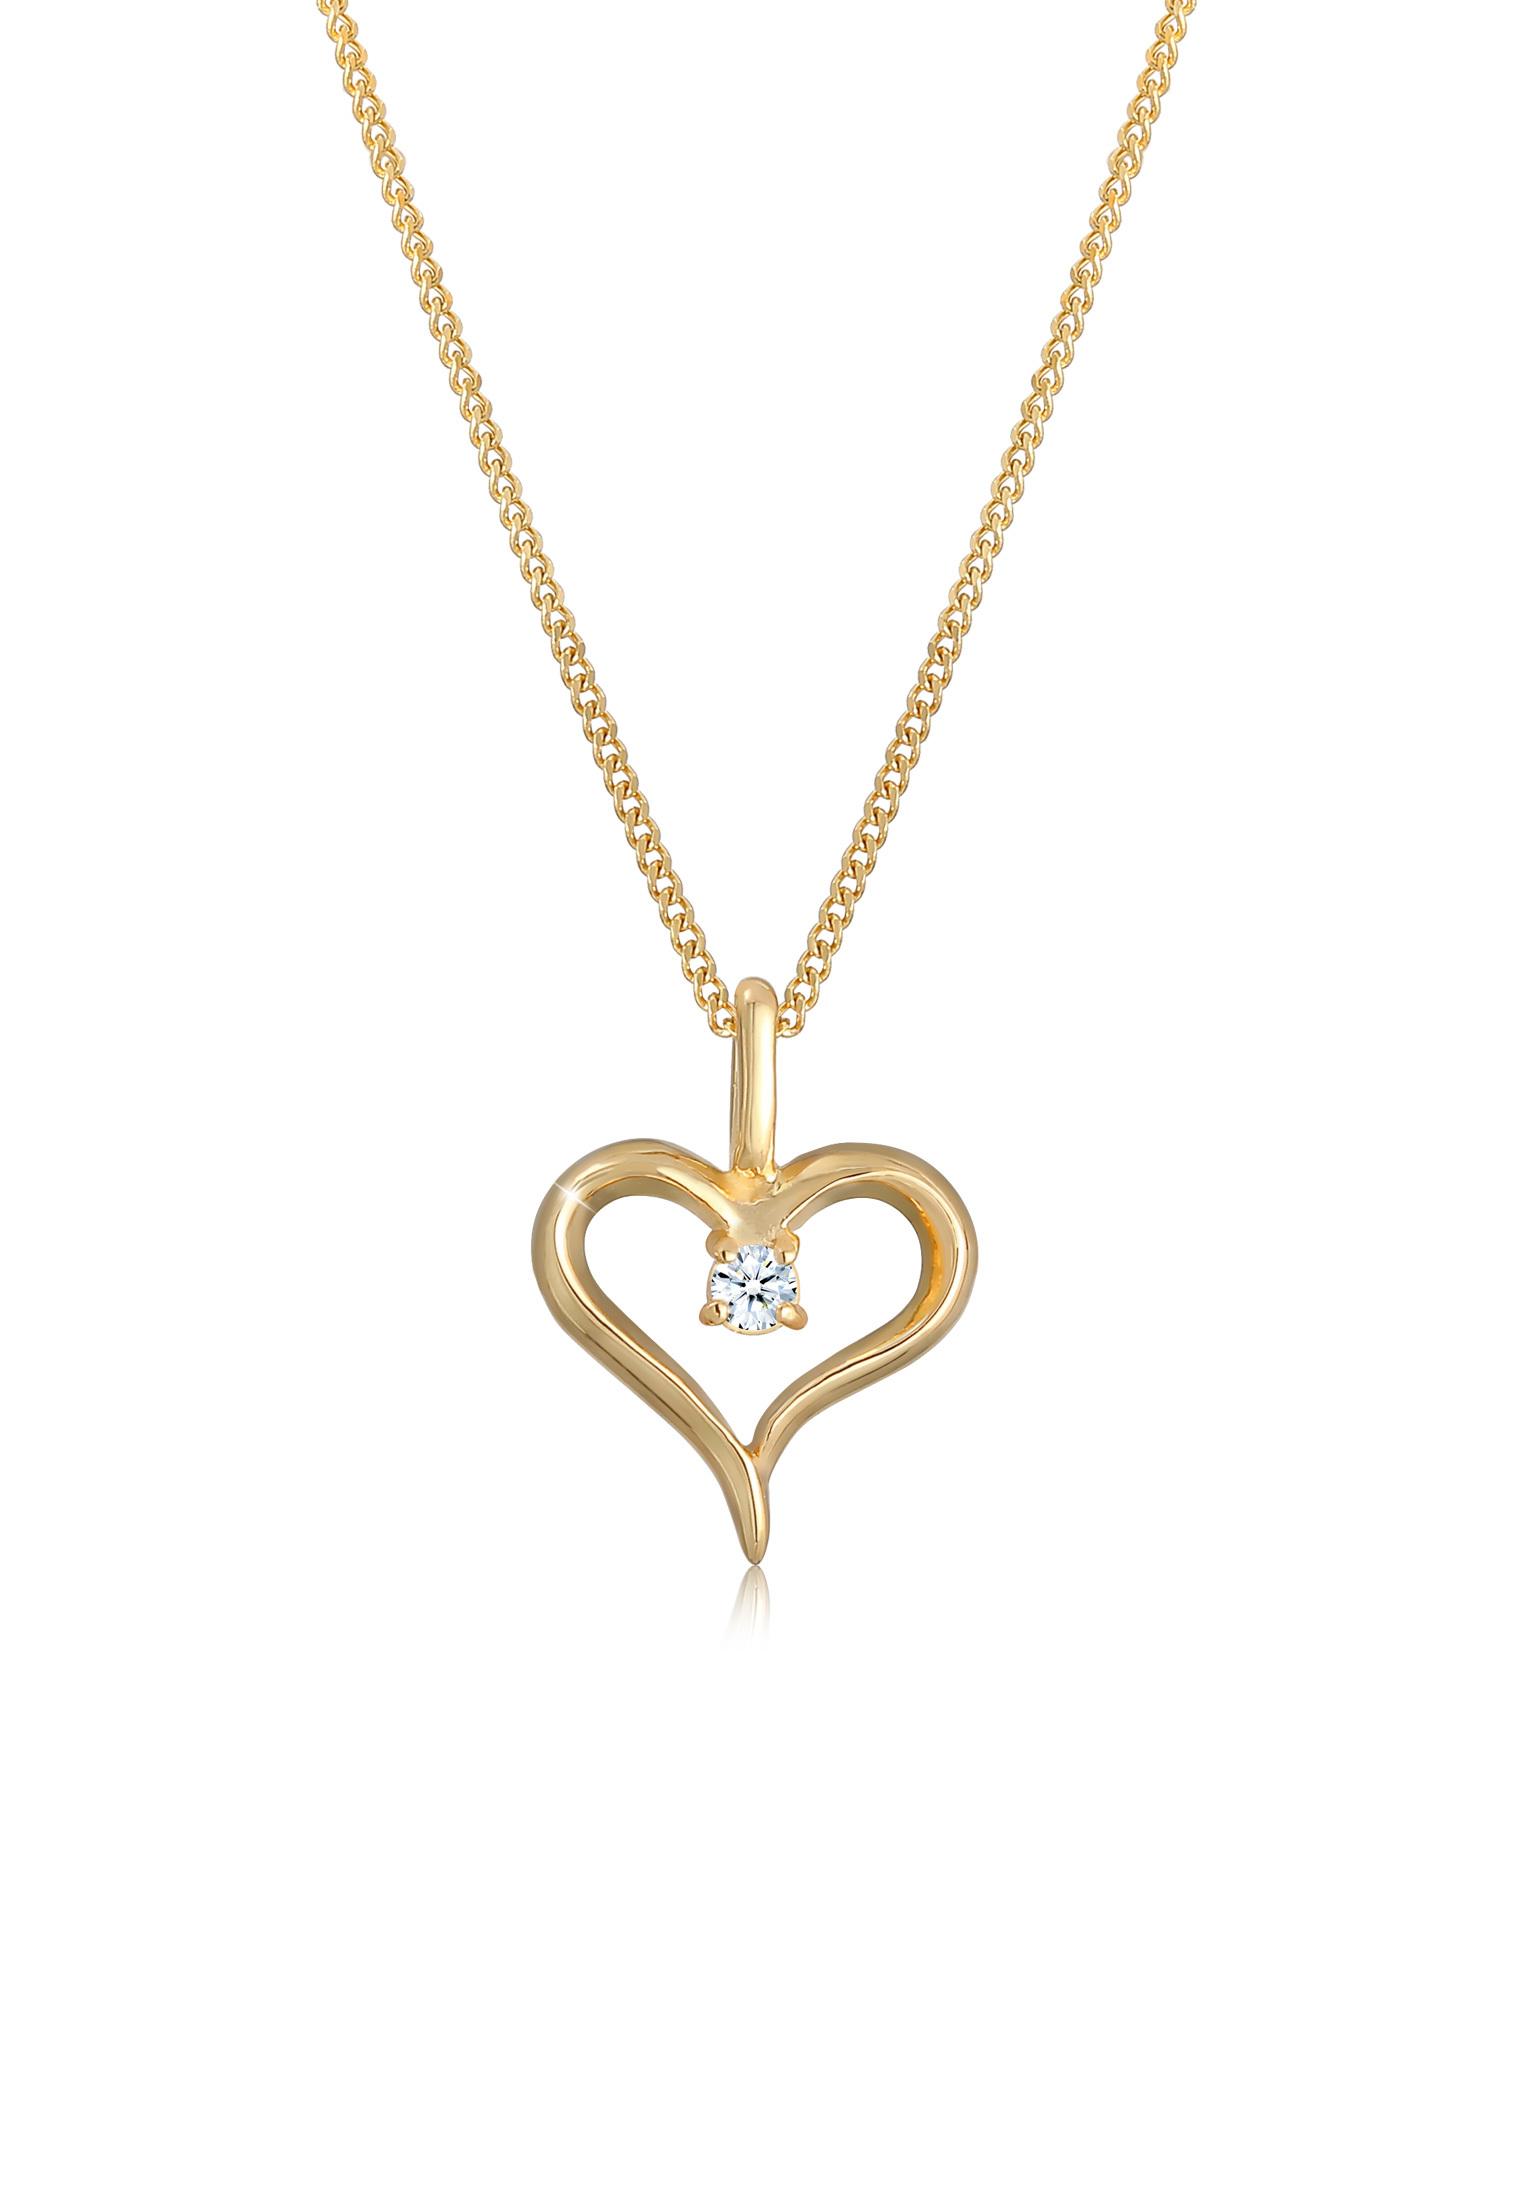 Halskette Herz | Diamant ( Weiß, 0,03 ct ) | 585 Gelbgold